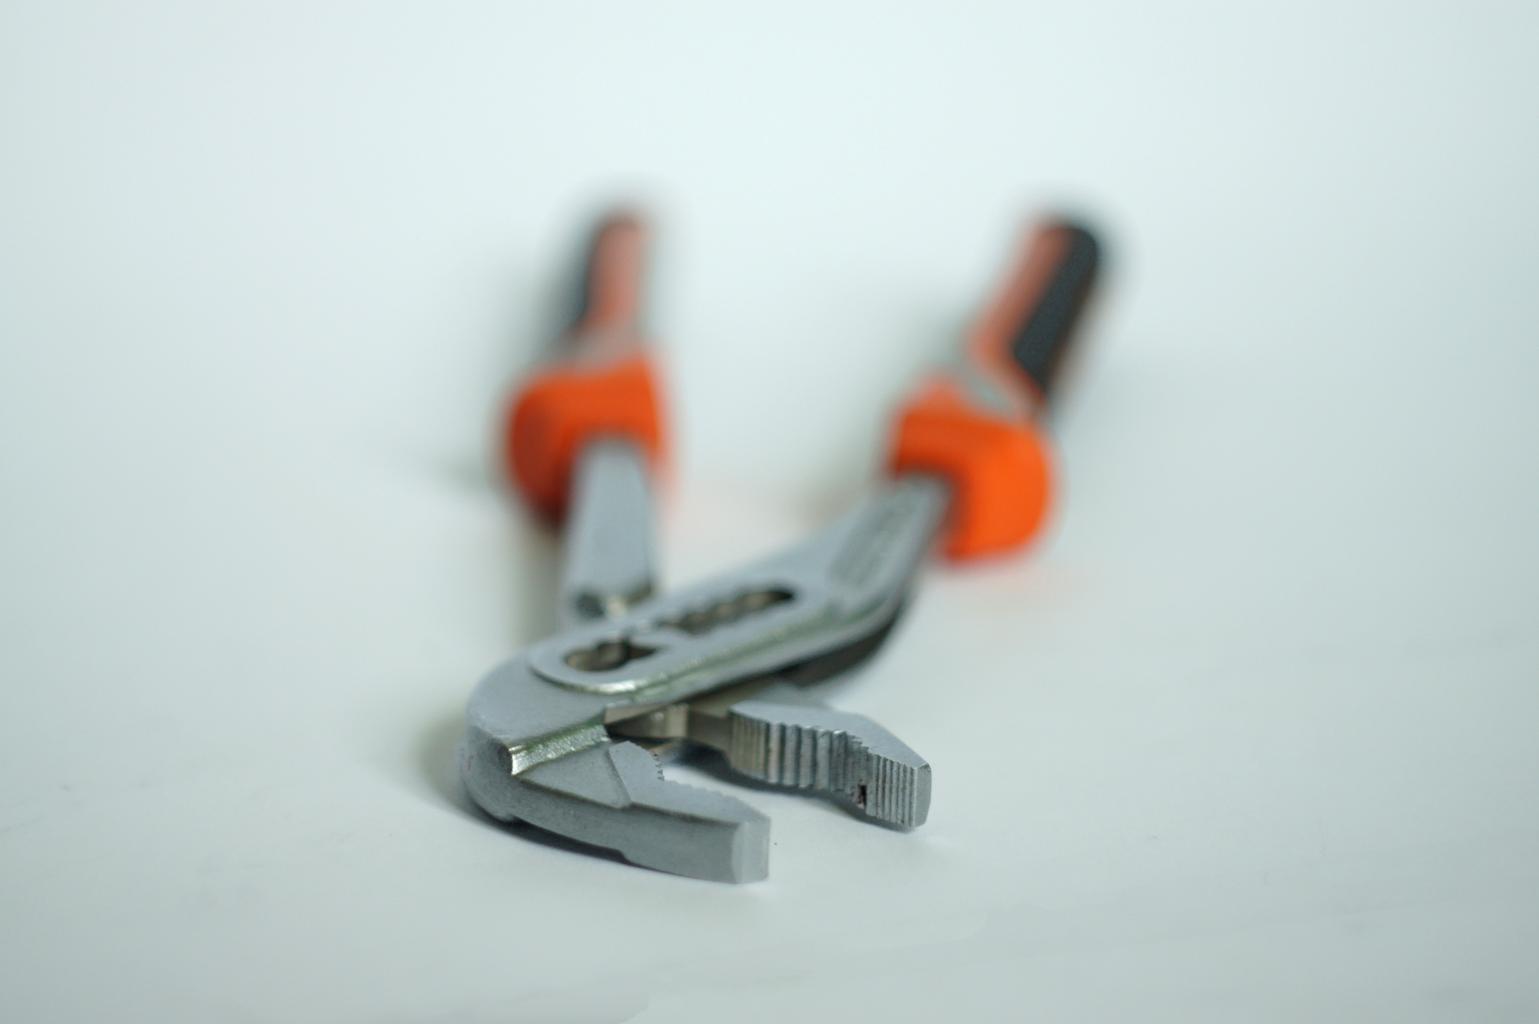 kleštˇový klíč